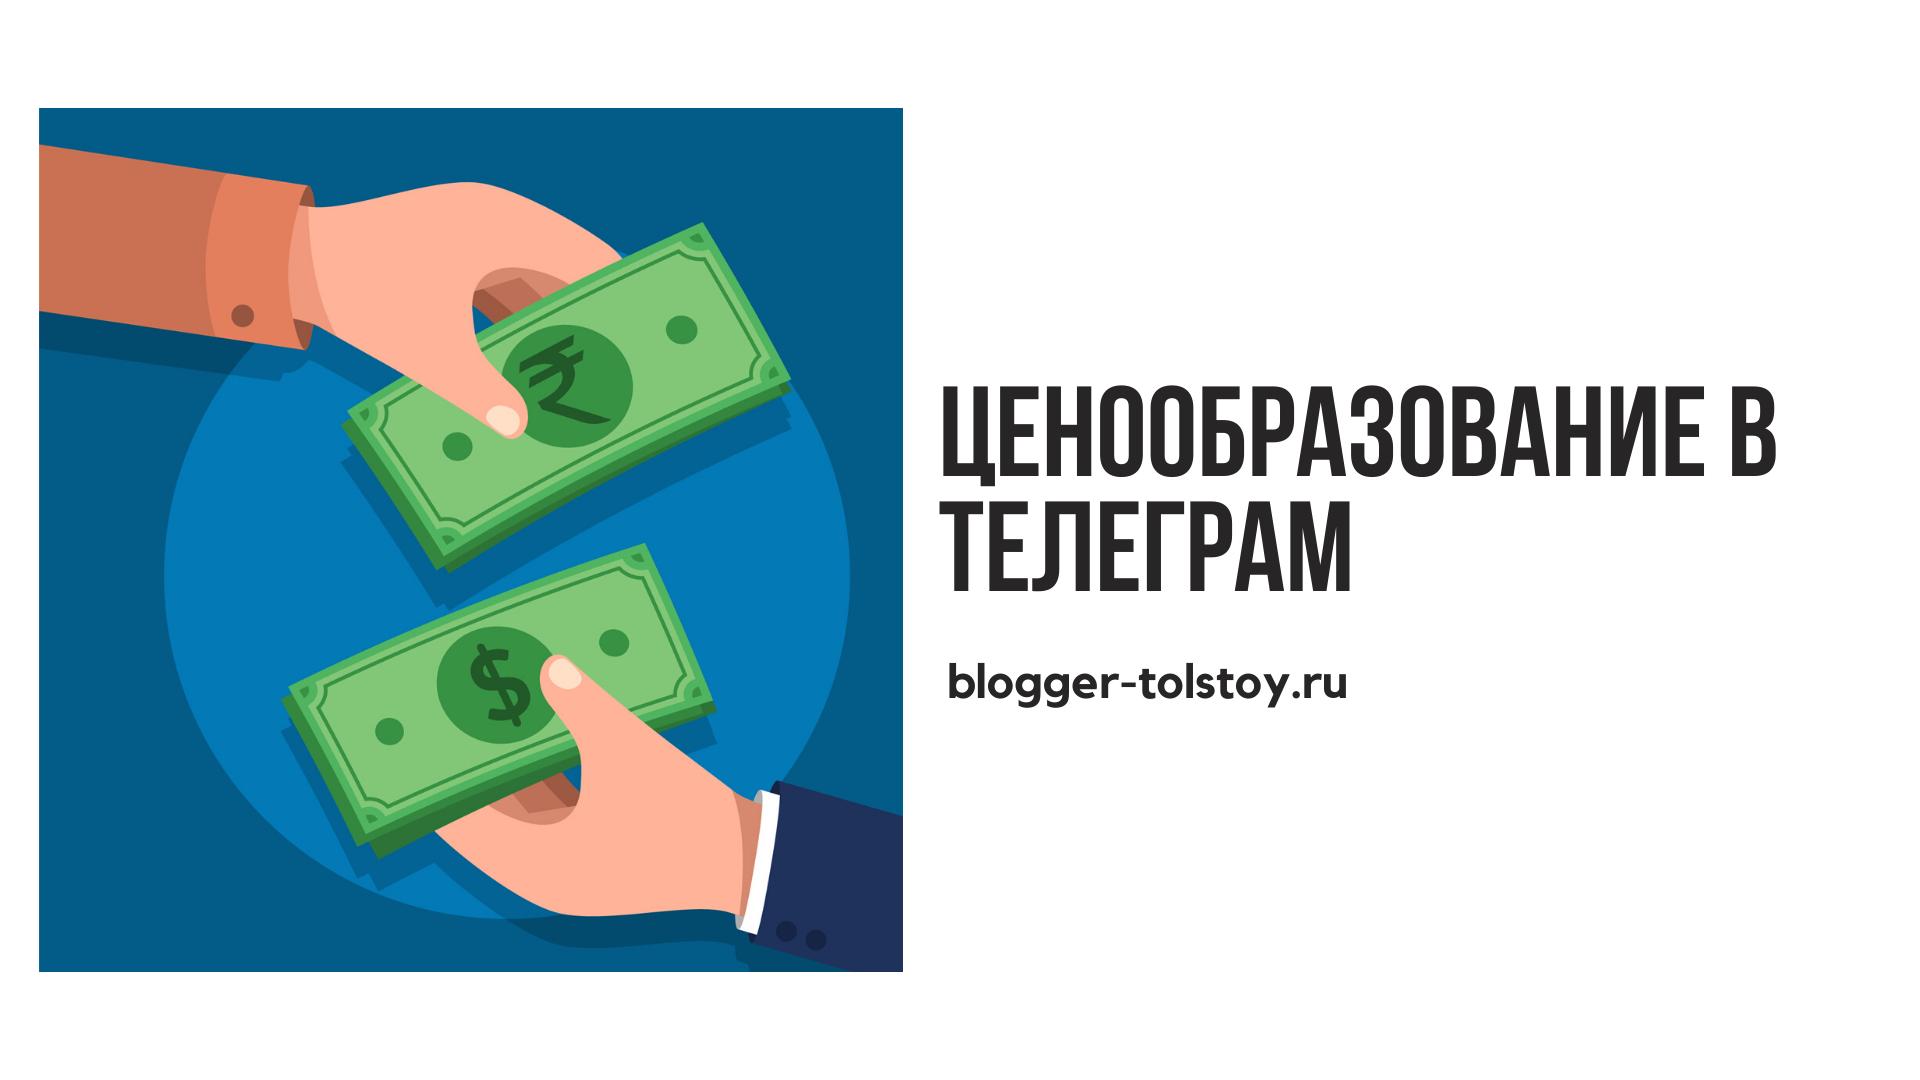 Ценообразование в Телеграм